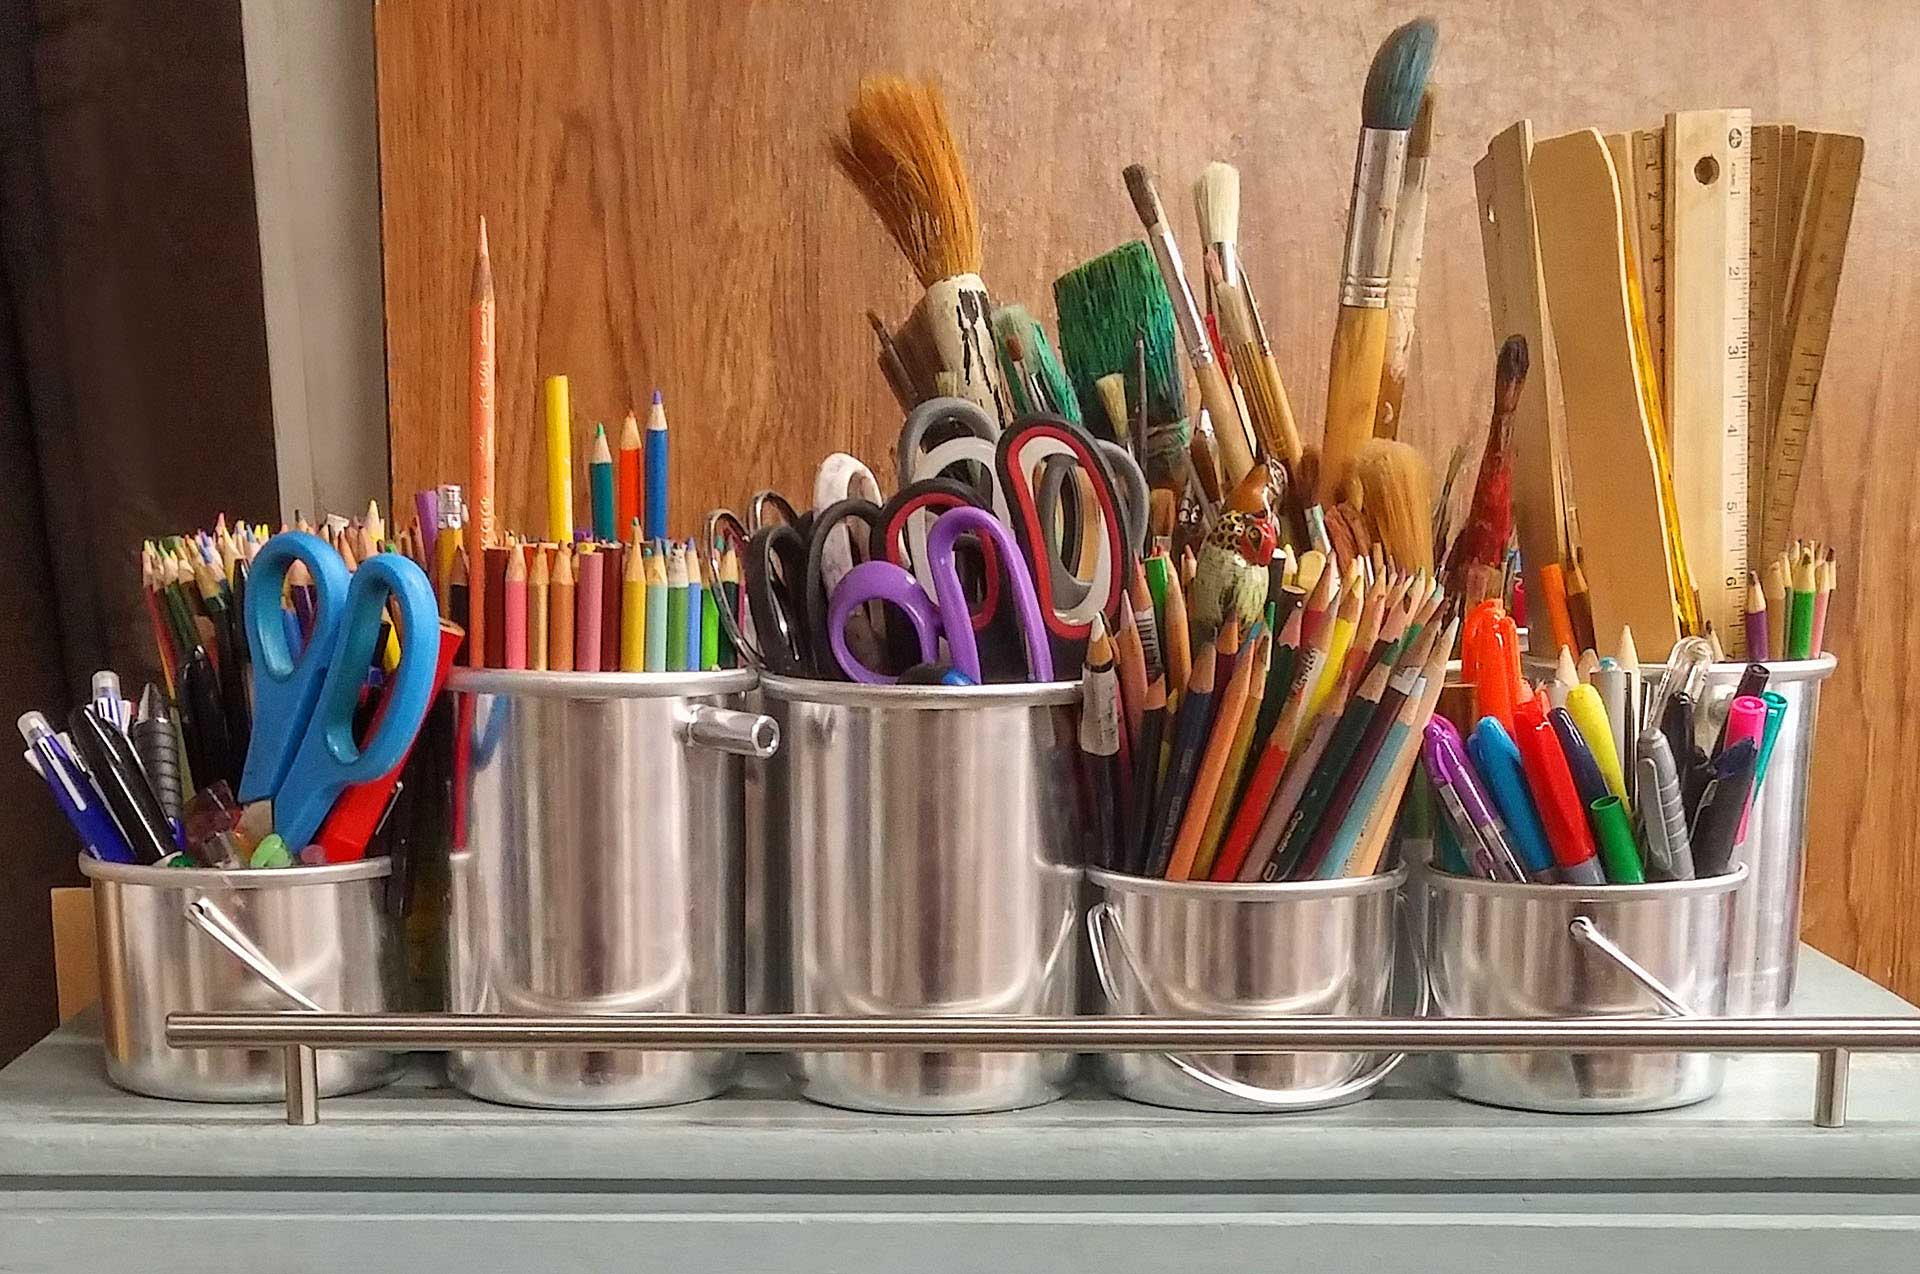 cart of art supplies.